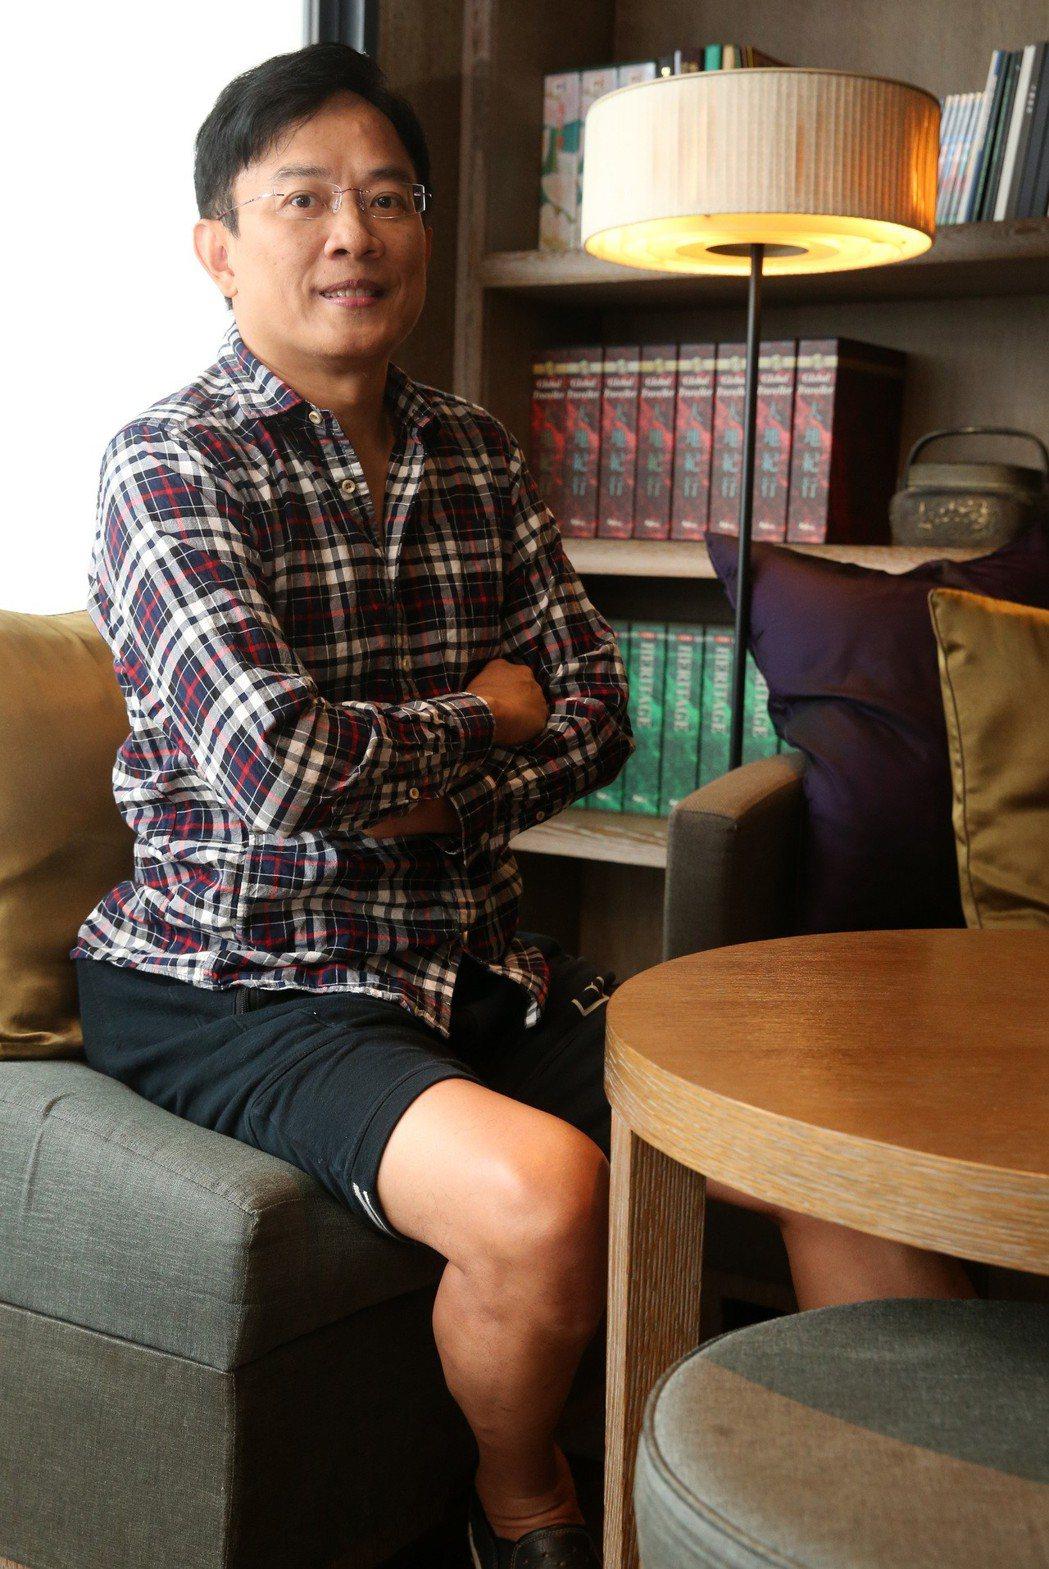 彭文正原本穿著皺POLO衫出來拍照,記者要求下,他回家換了另一件襯衫出來,但下半...